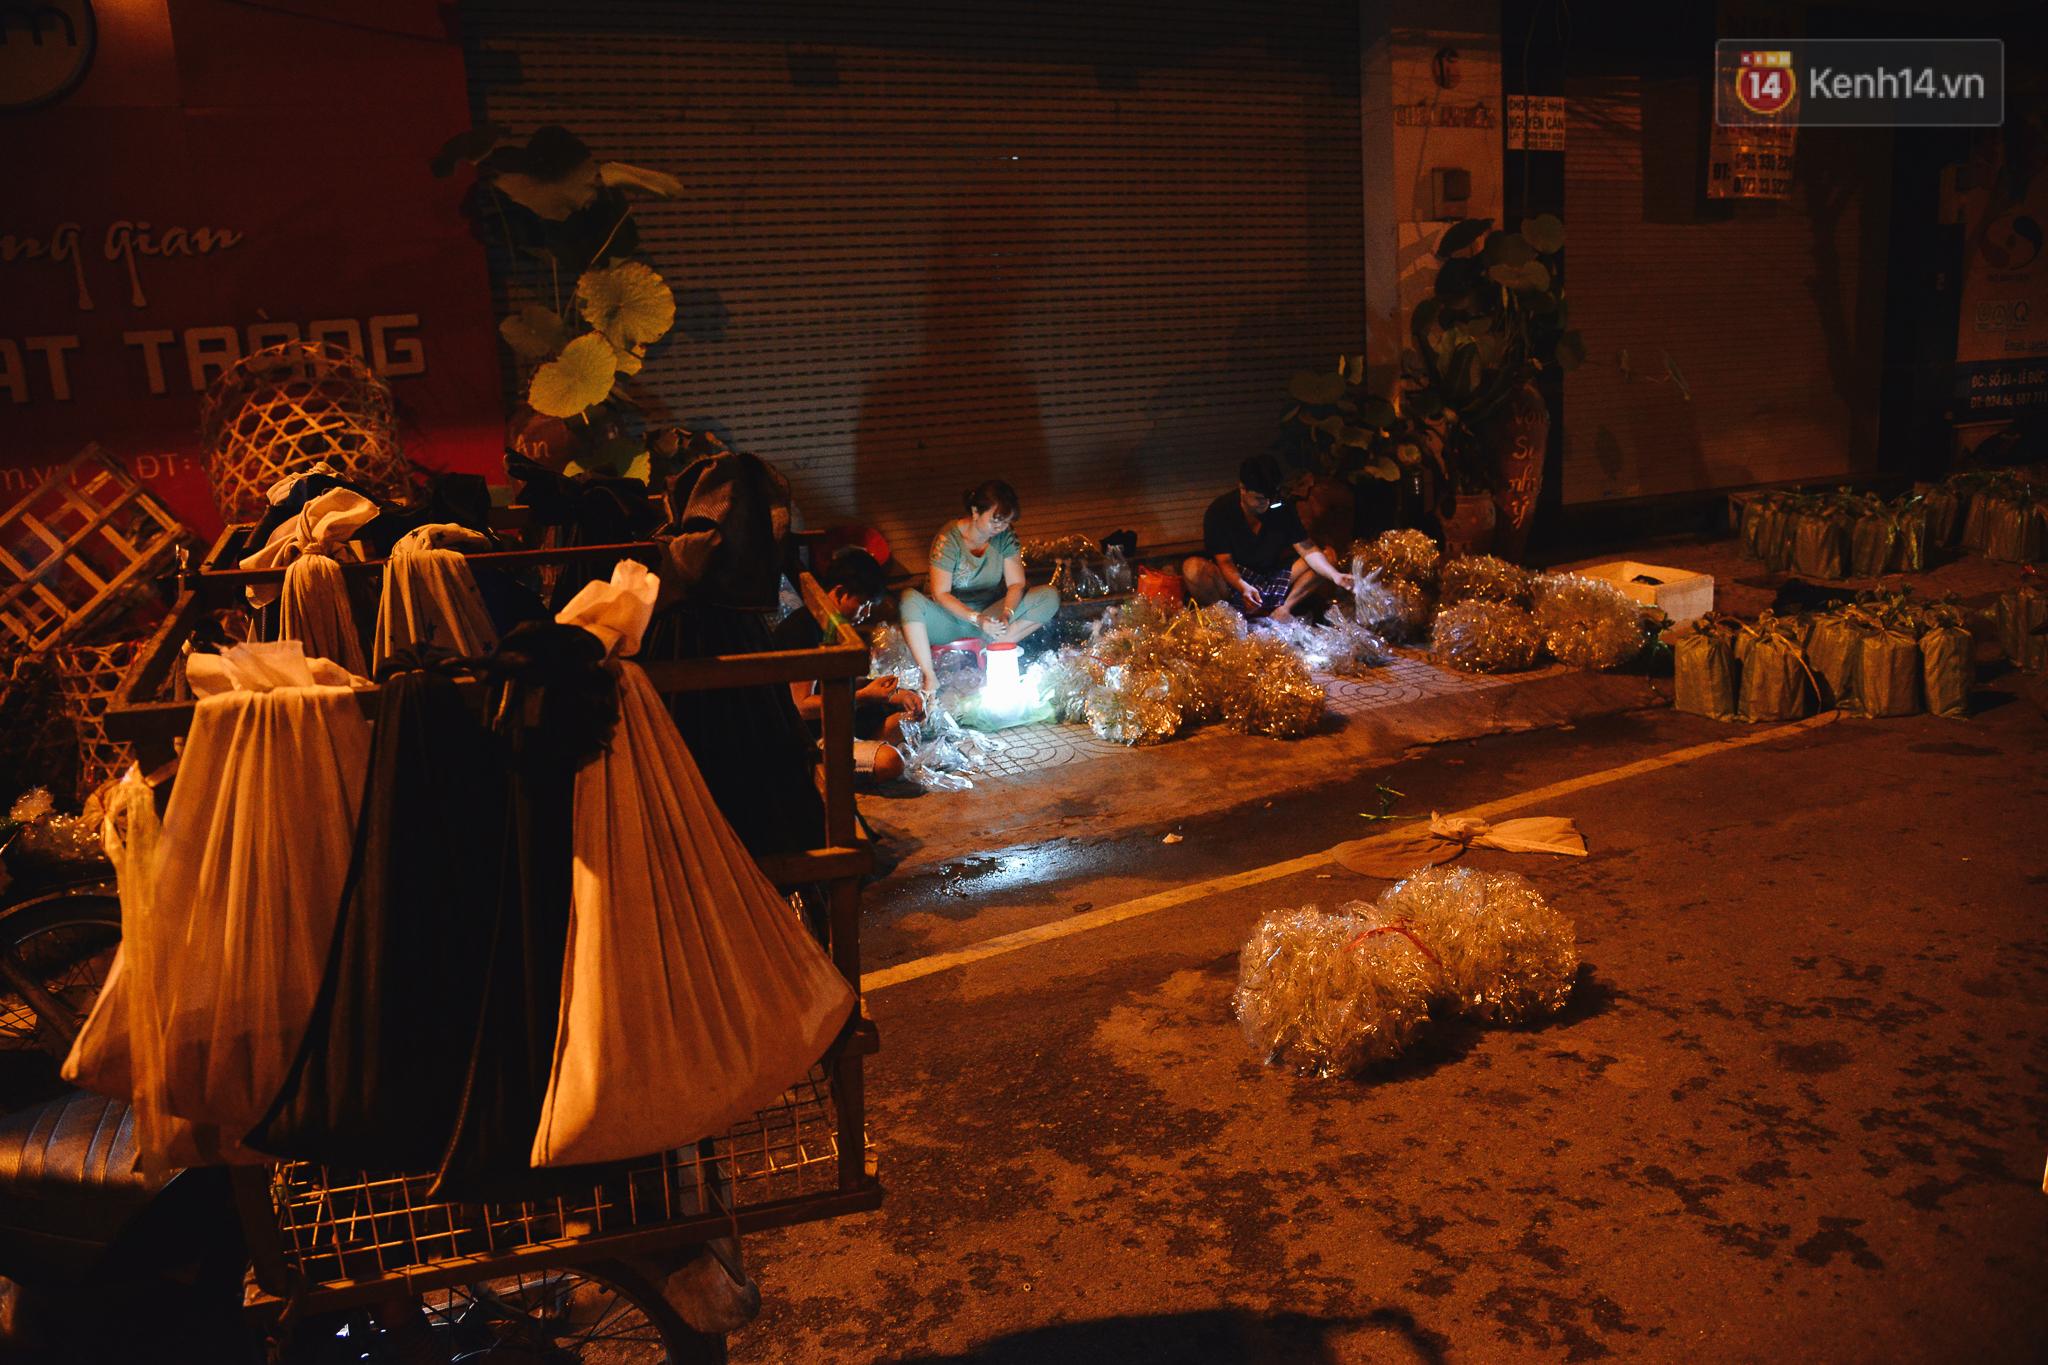 Cận cảnh chợ côn trùng độc nhất Sài Gòn, mỗi ngày chỉ họp đúng 2 tiếng lúc nửa đêm - Ảnh 7.